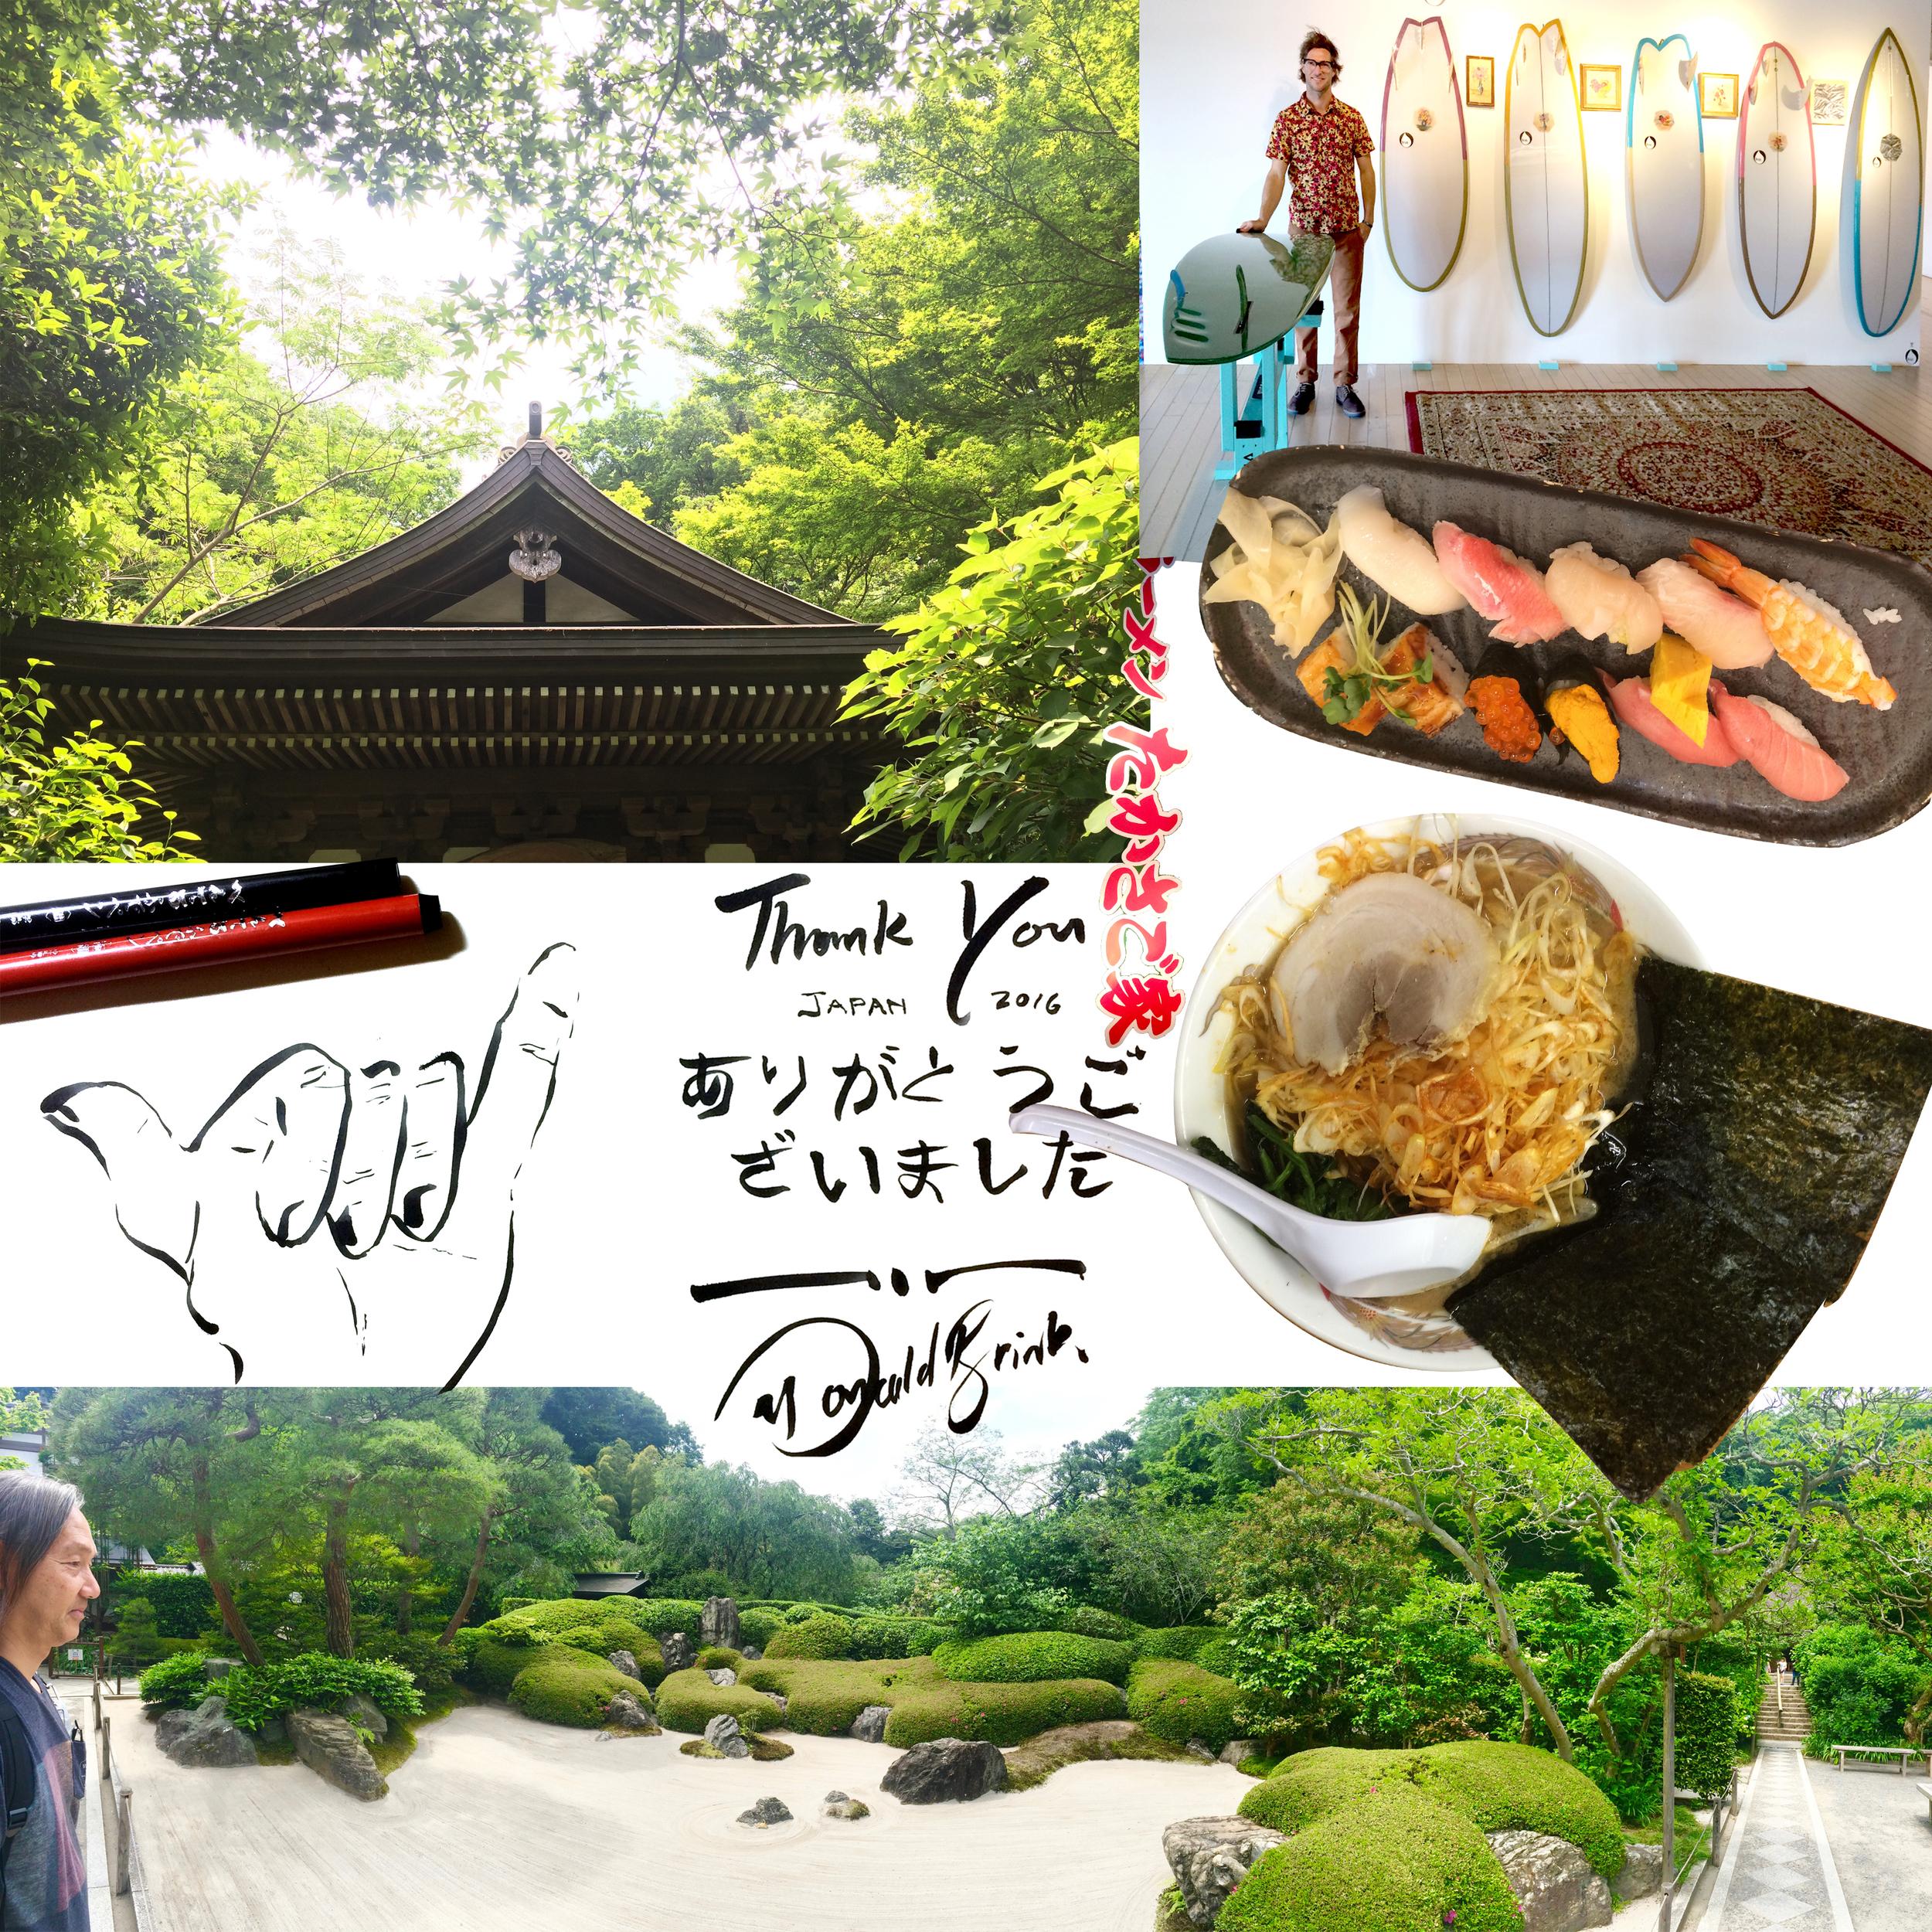 Japan Visit 2016 Brink